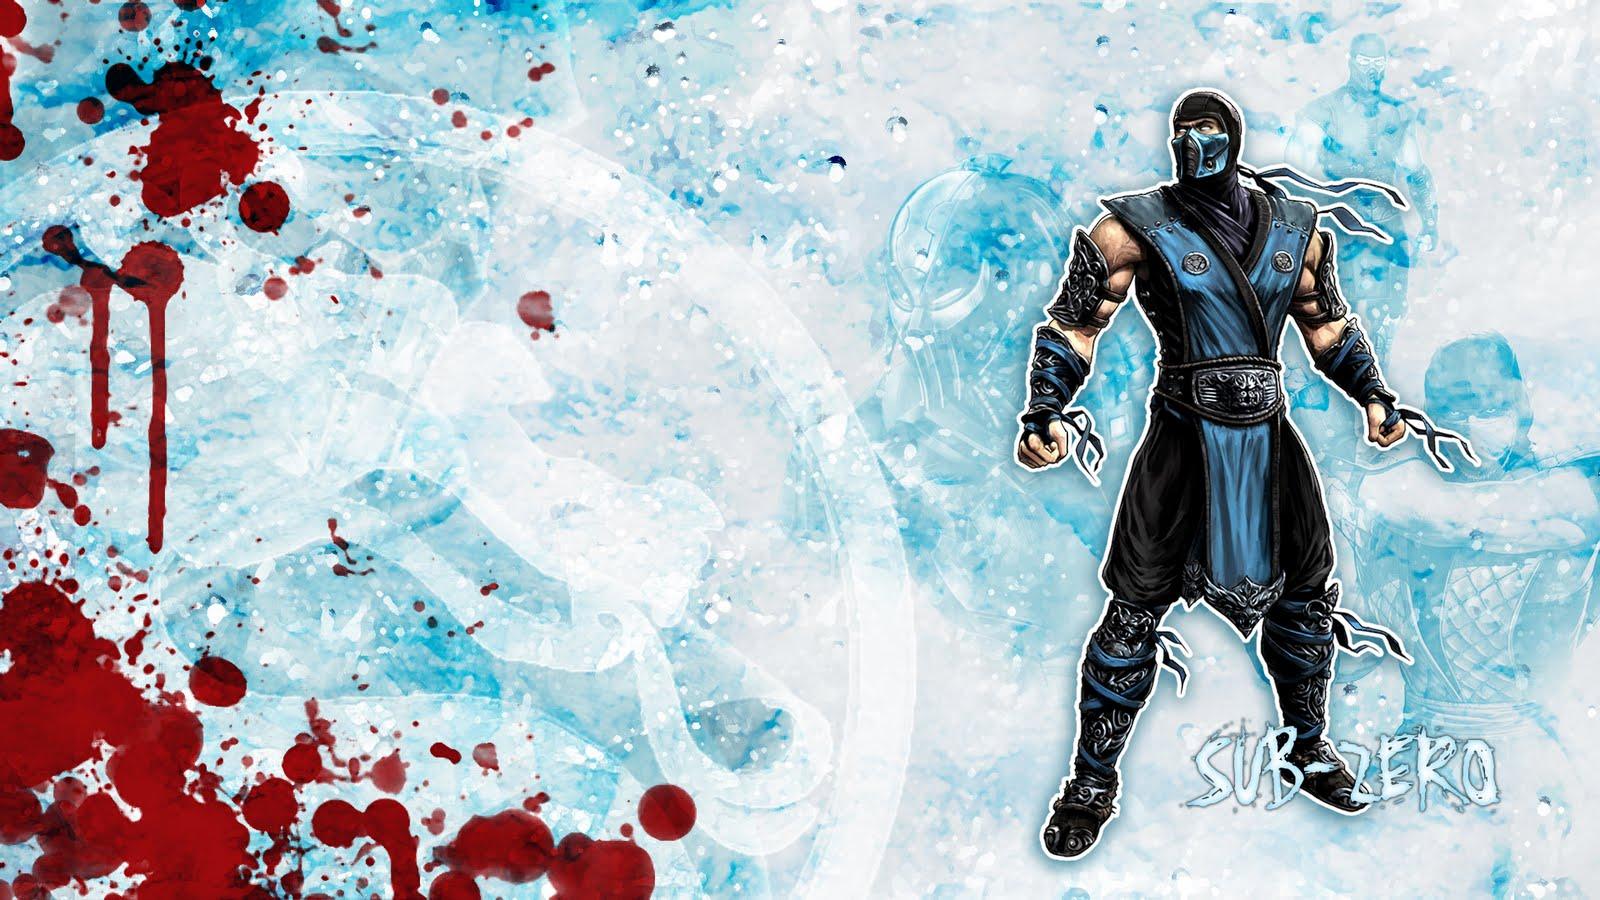 http://3.bp.blogspot.com/--m3KuZXK-fk/TeAU0guC7zI/AAAAAAAAAls/wbuRFrUftSs/s1600/mk9_sub_zero_wallpaper_by_jst082-mortal+kombat+9.jpg